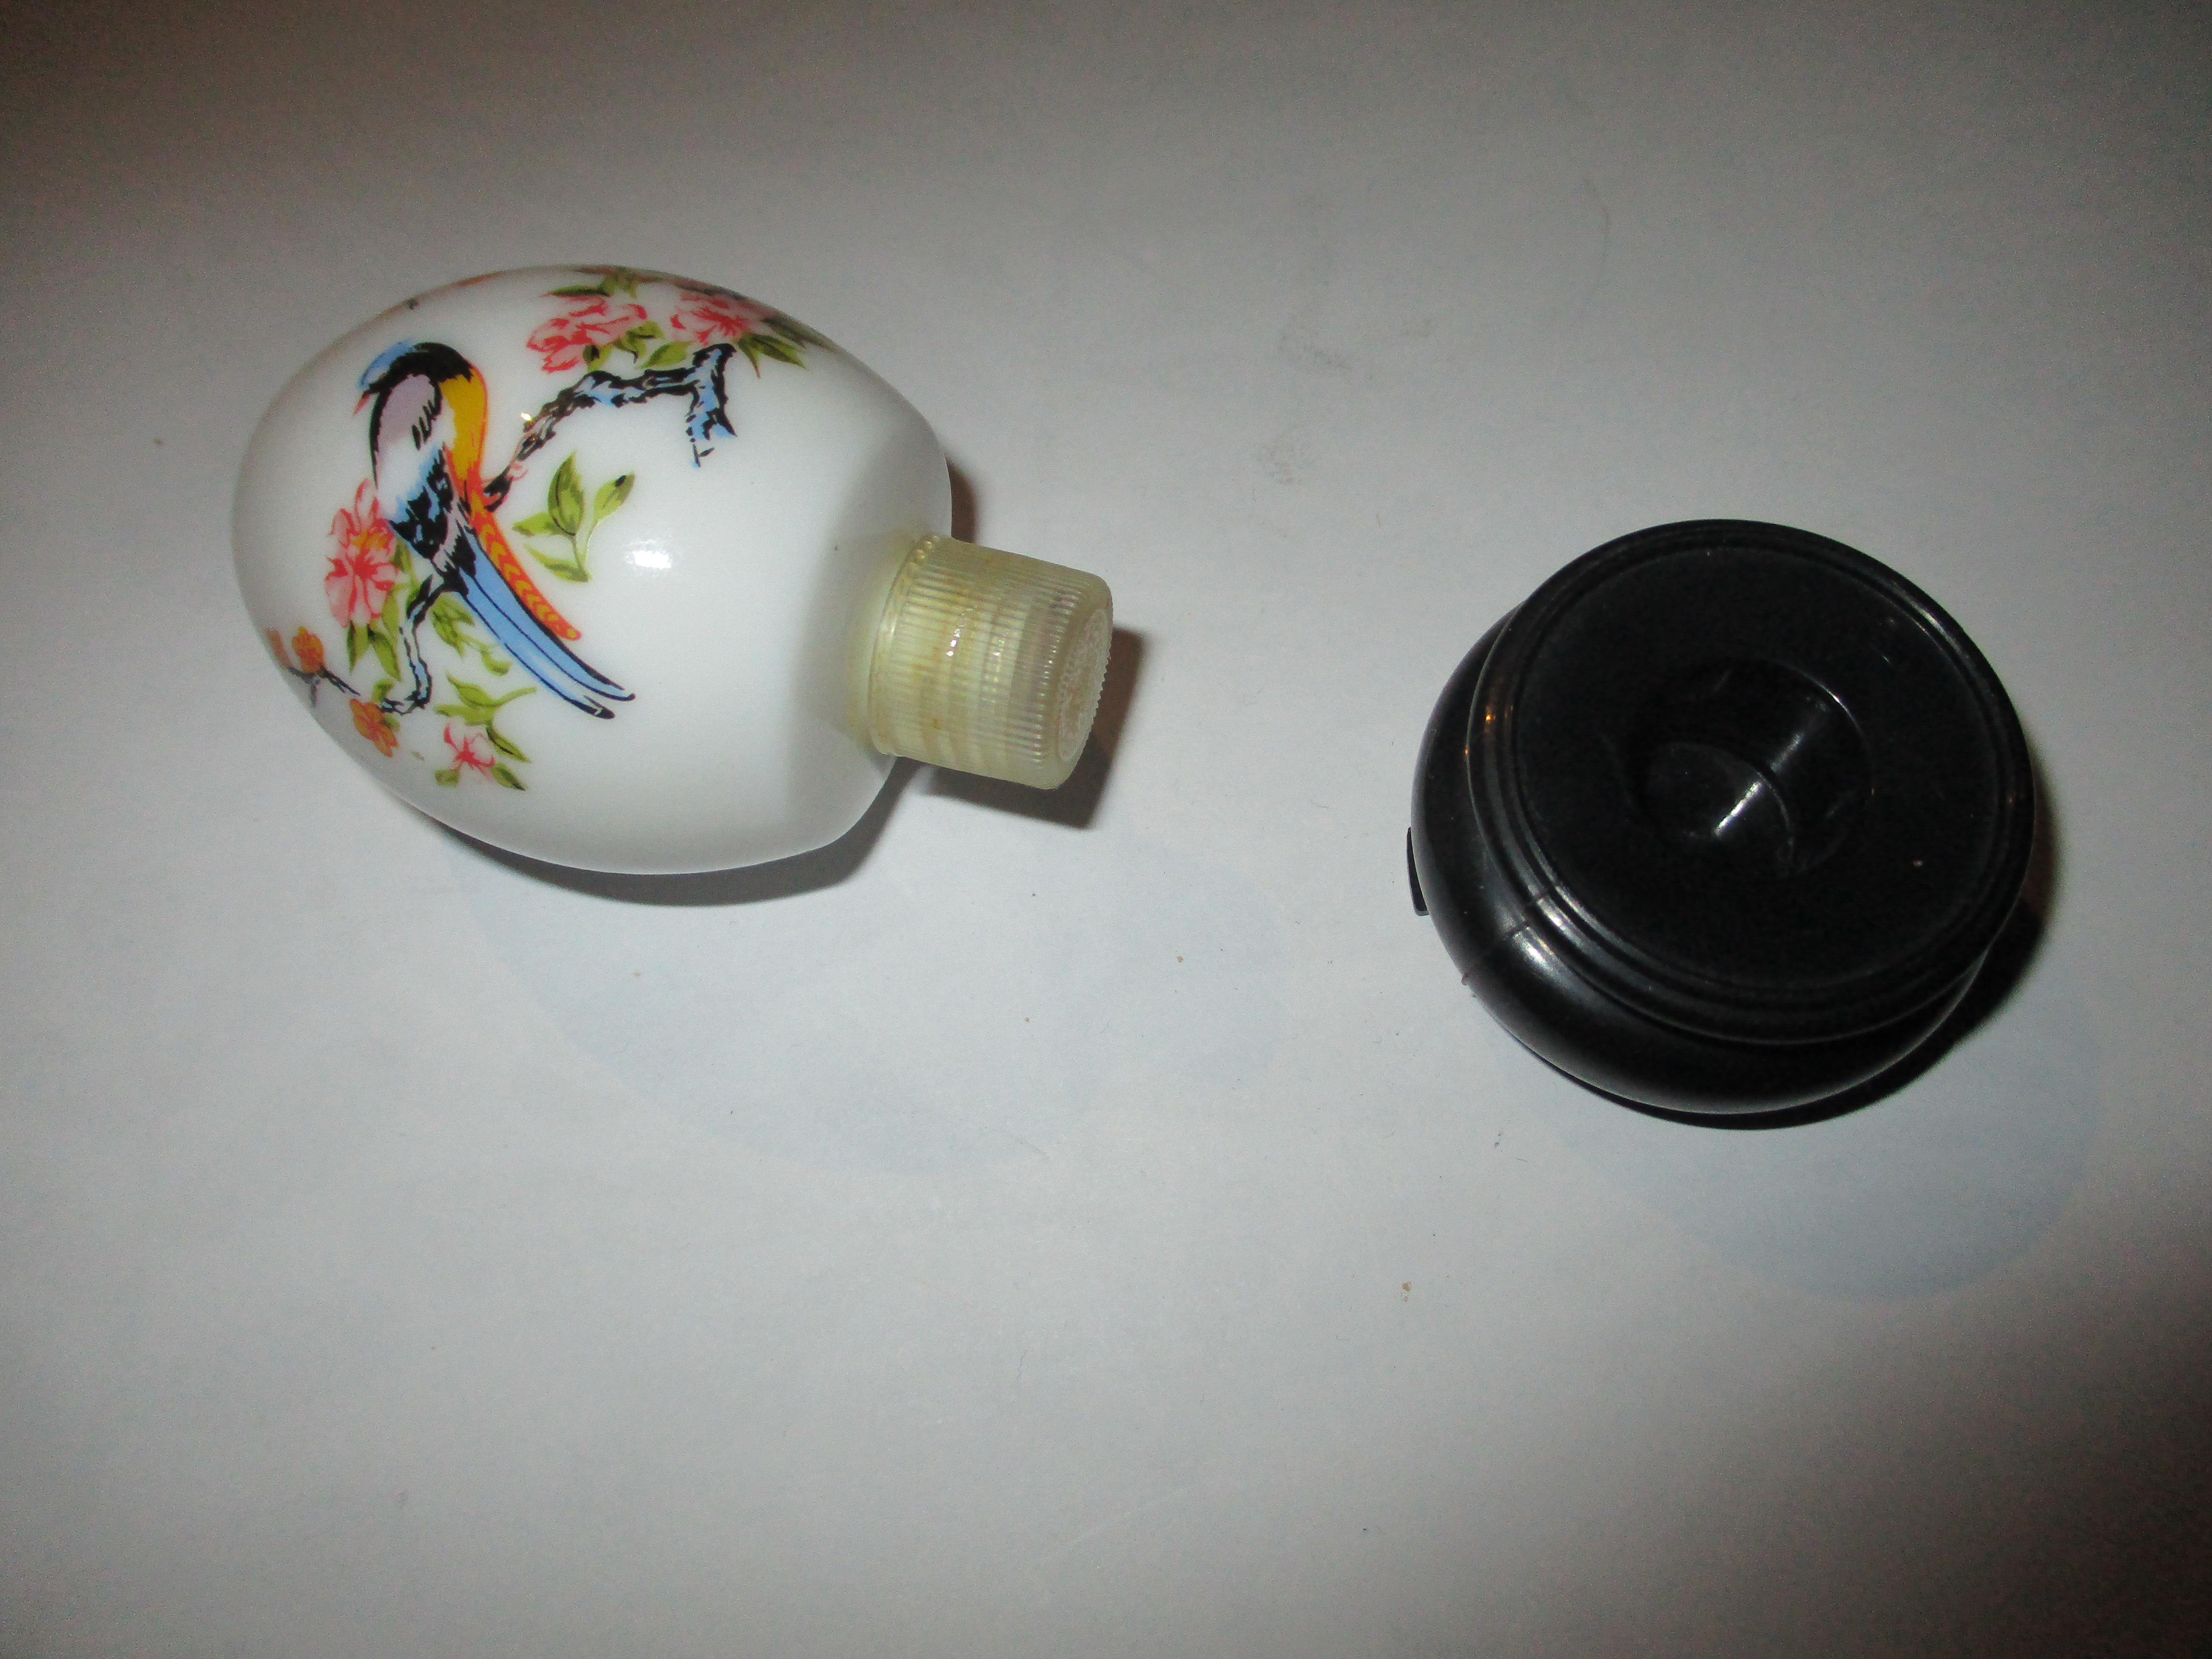 troc de troc flacon vide avon en forme d'oeuf image 1